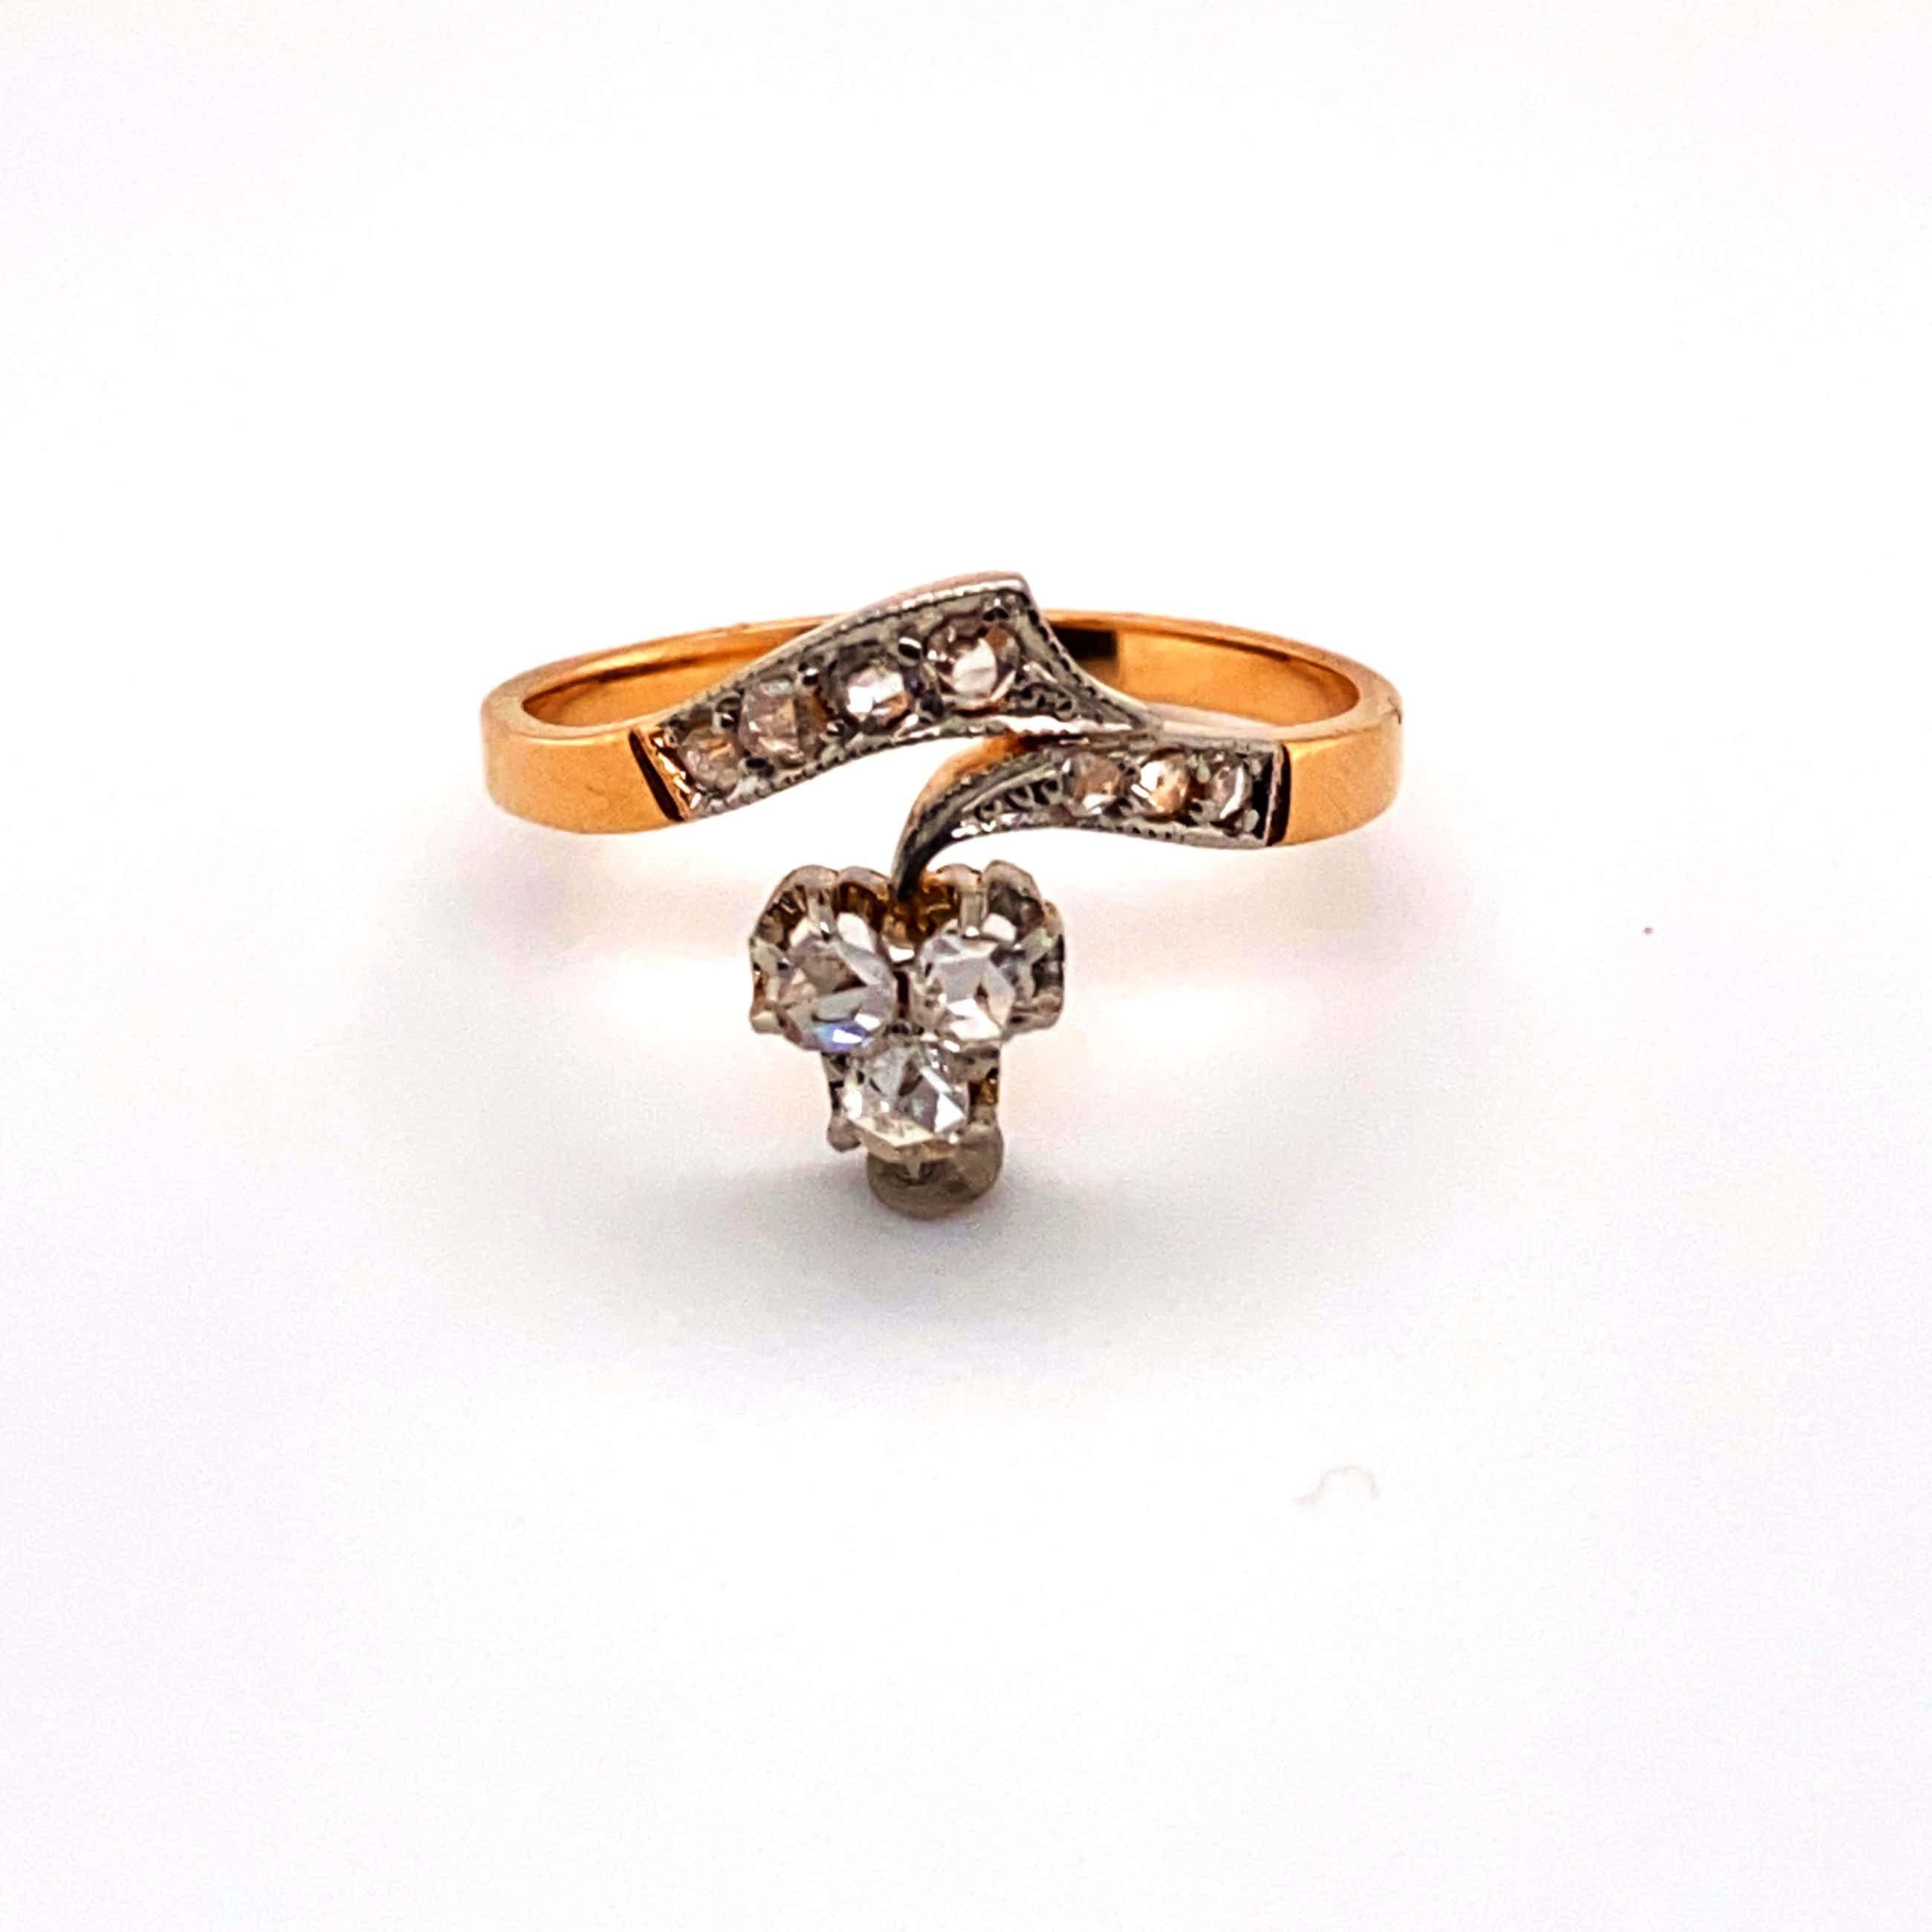 18kt bicolor ring met diamant, maat 55/17,25, 3,01gr kopen? Bied vanaf 370!